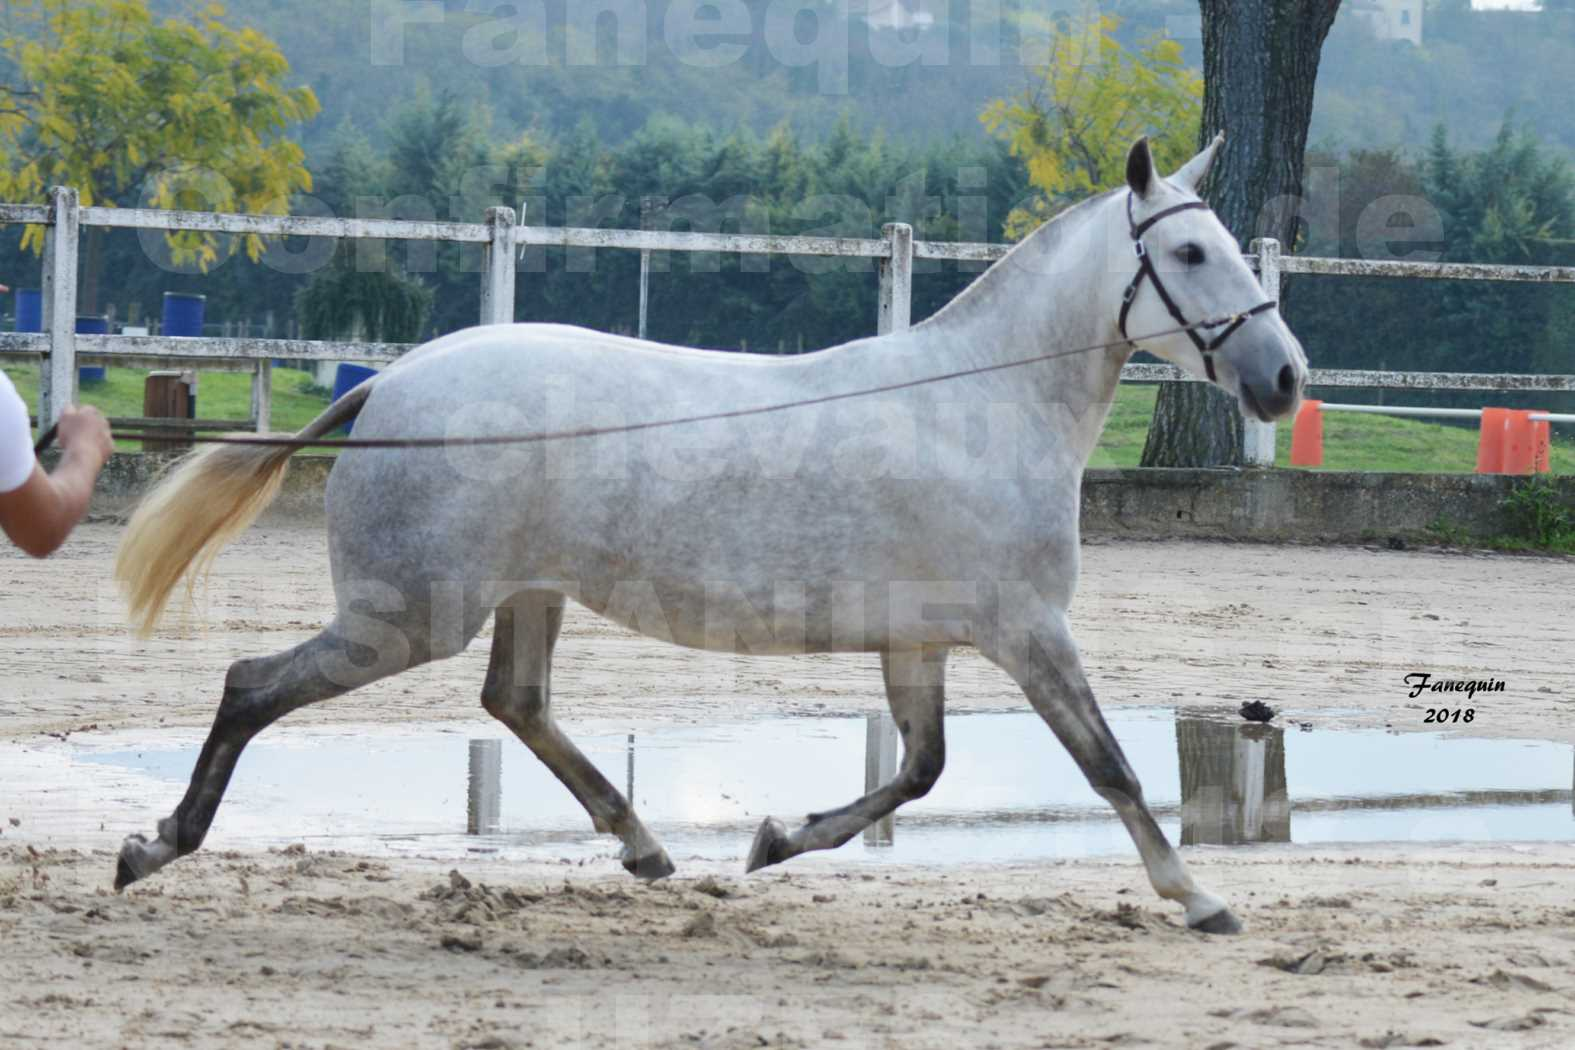 Confirmation de chevaux LUSITANIENS aux Haras d'UZES Novembre 2018 - DANAÏDE DU MOLE - 1